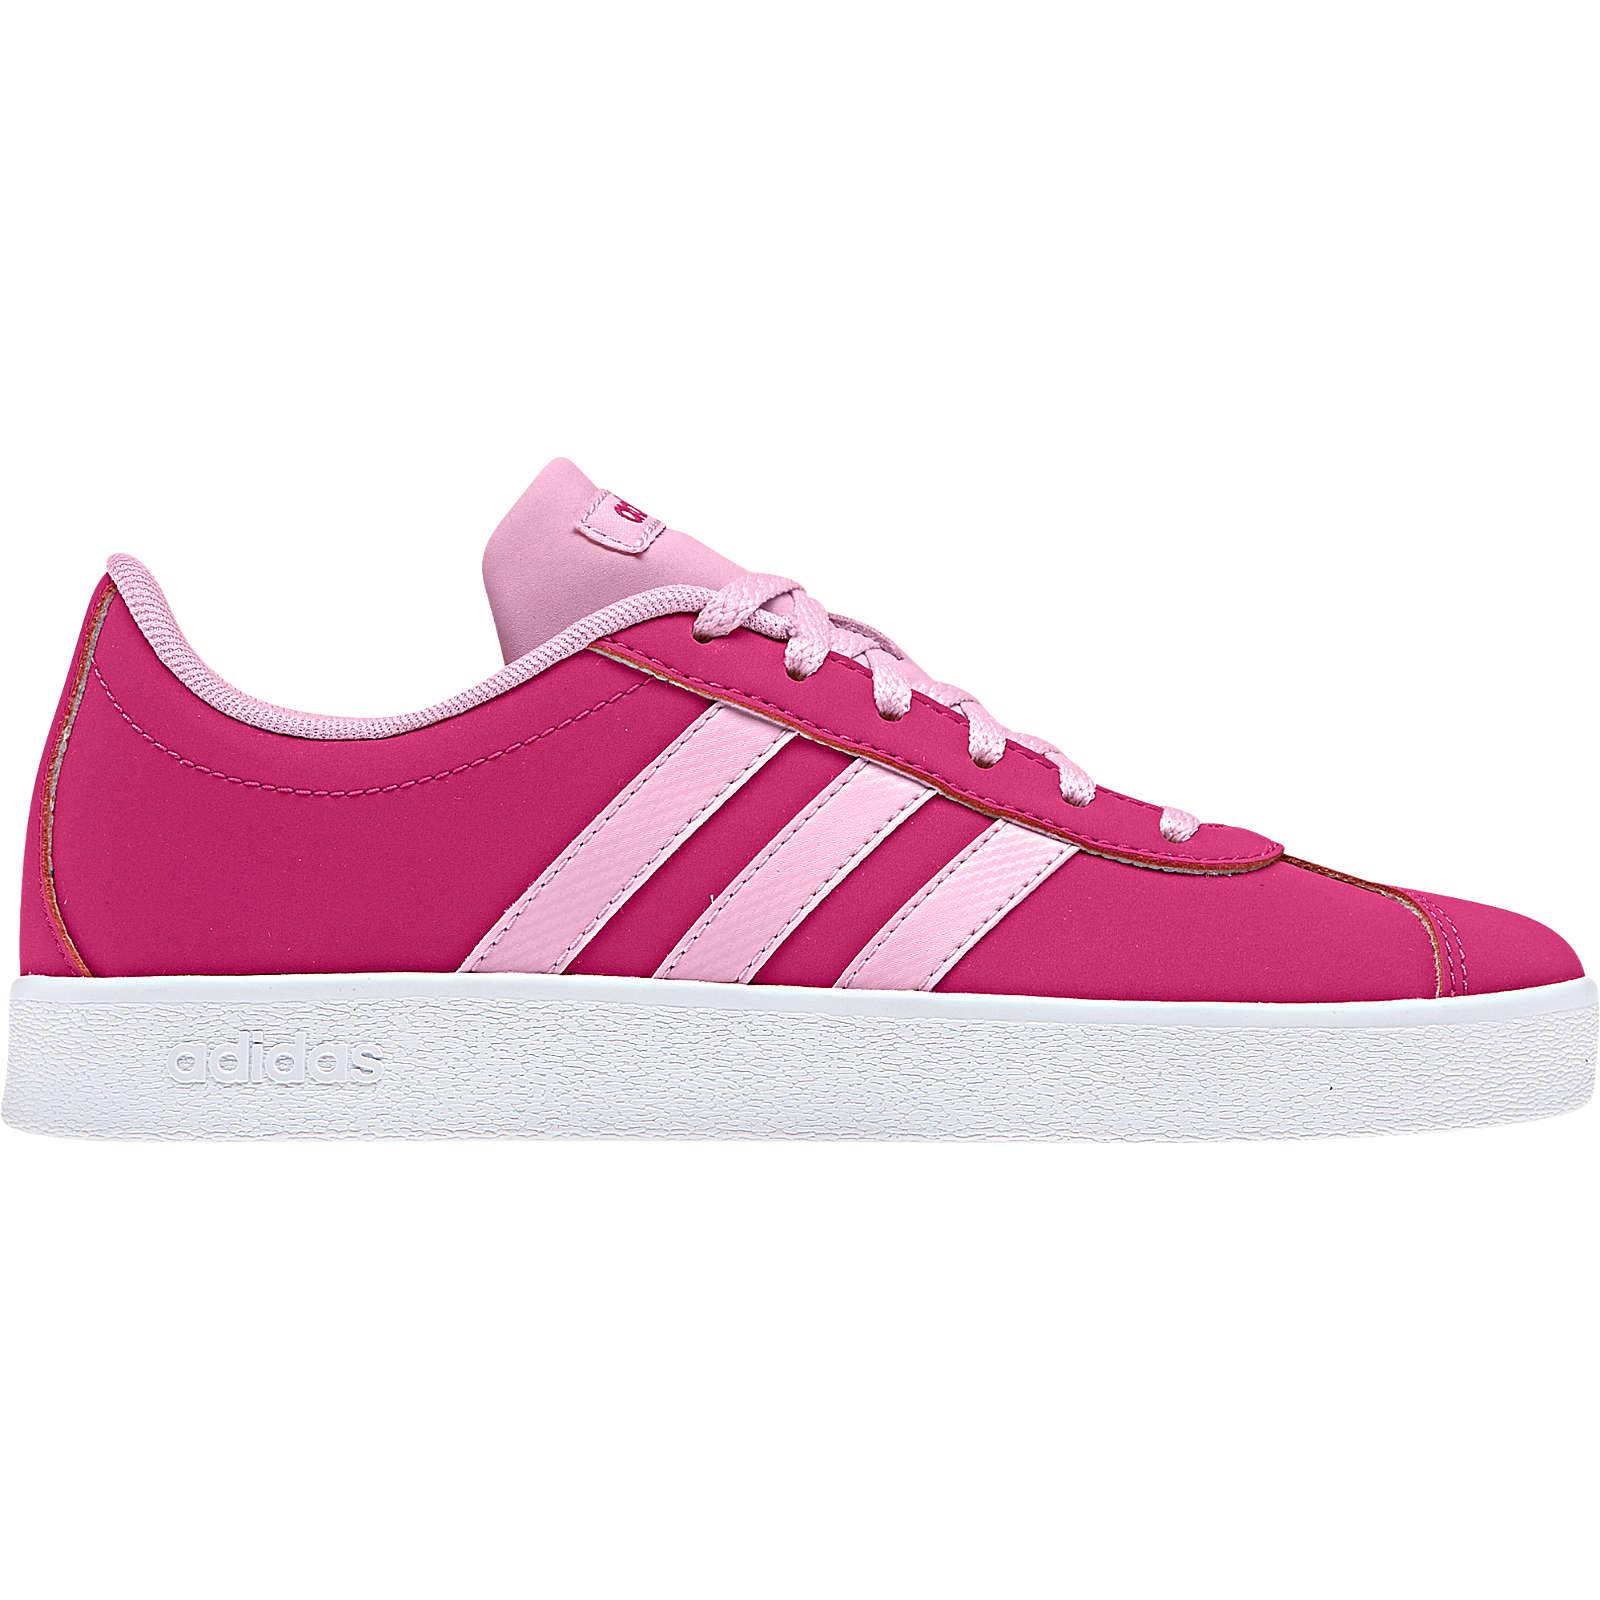 adidas Sport Inspired Kinder Sneakers VL COURT 2.0 K für Mädchen pink Mädchen Gr. 35,5